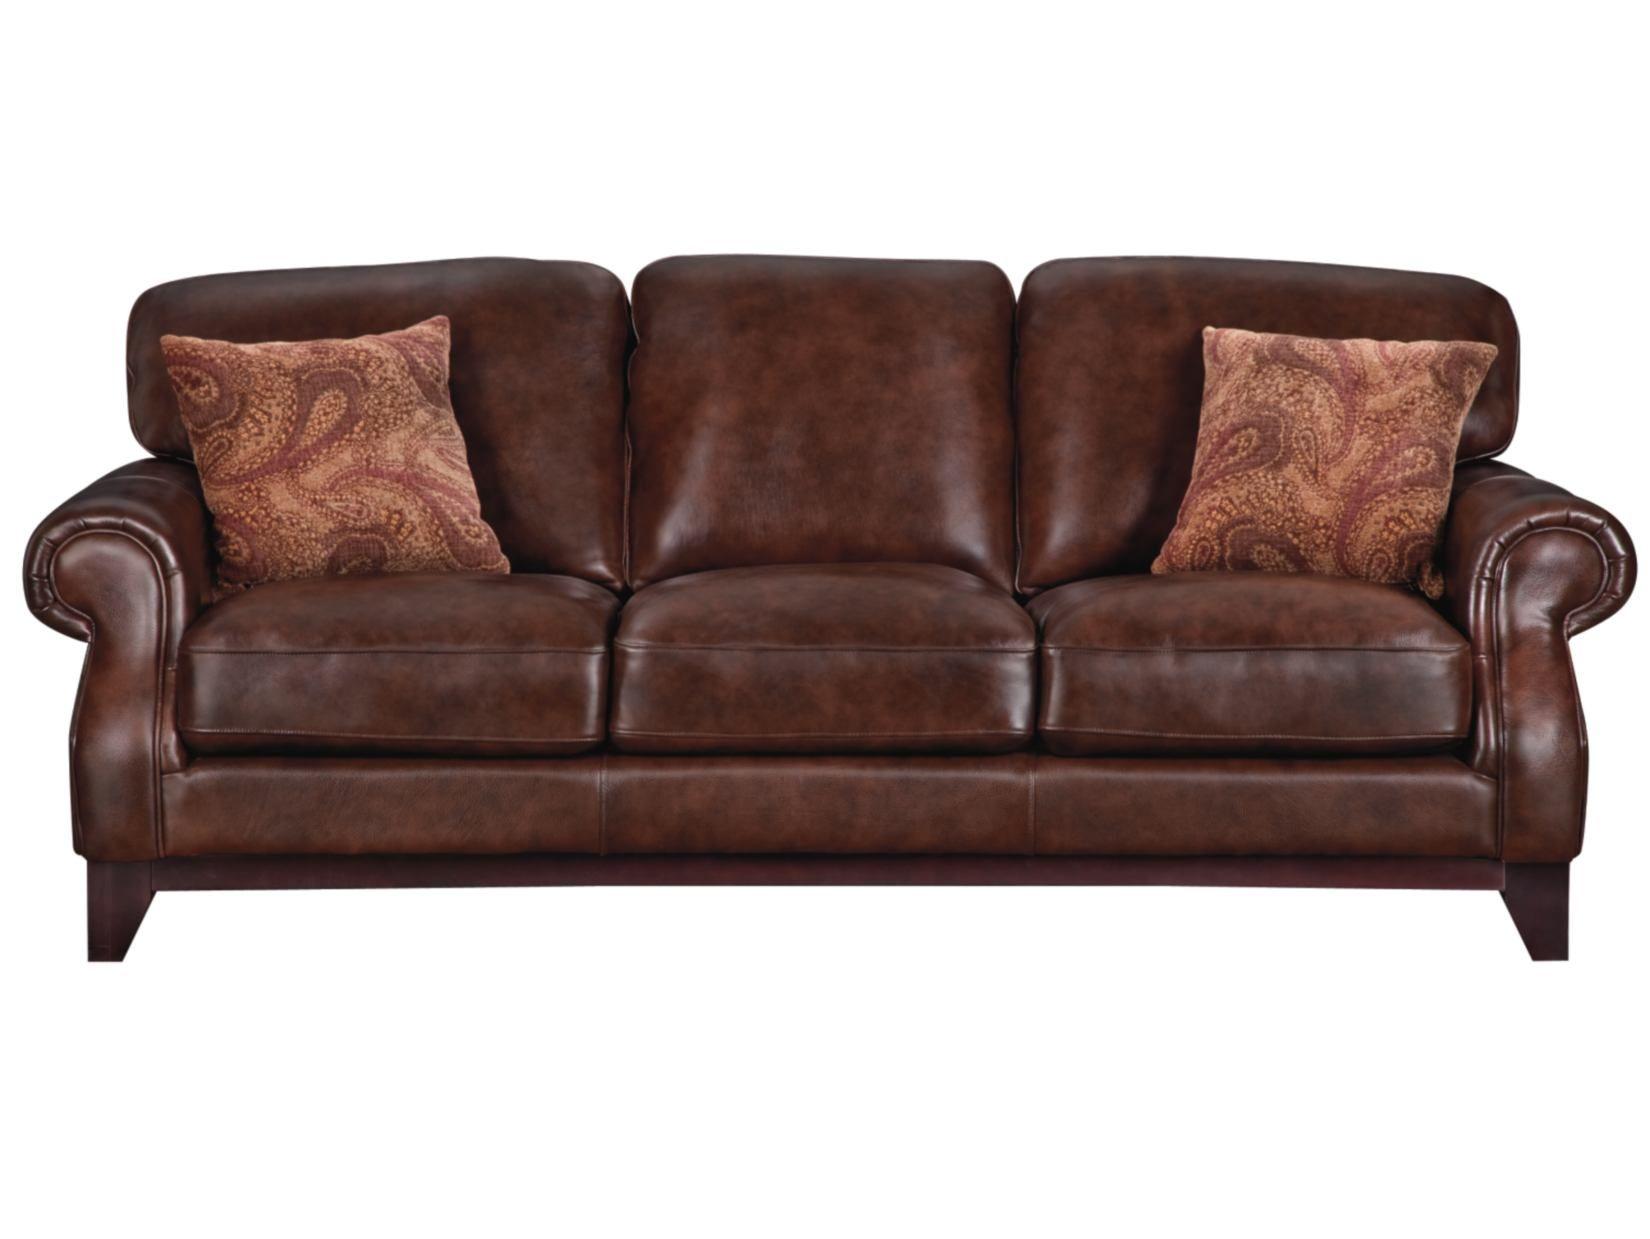 Carlton Chocolate Leather Sofa American Signature